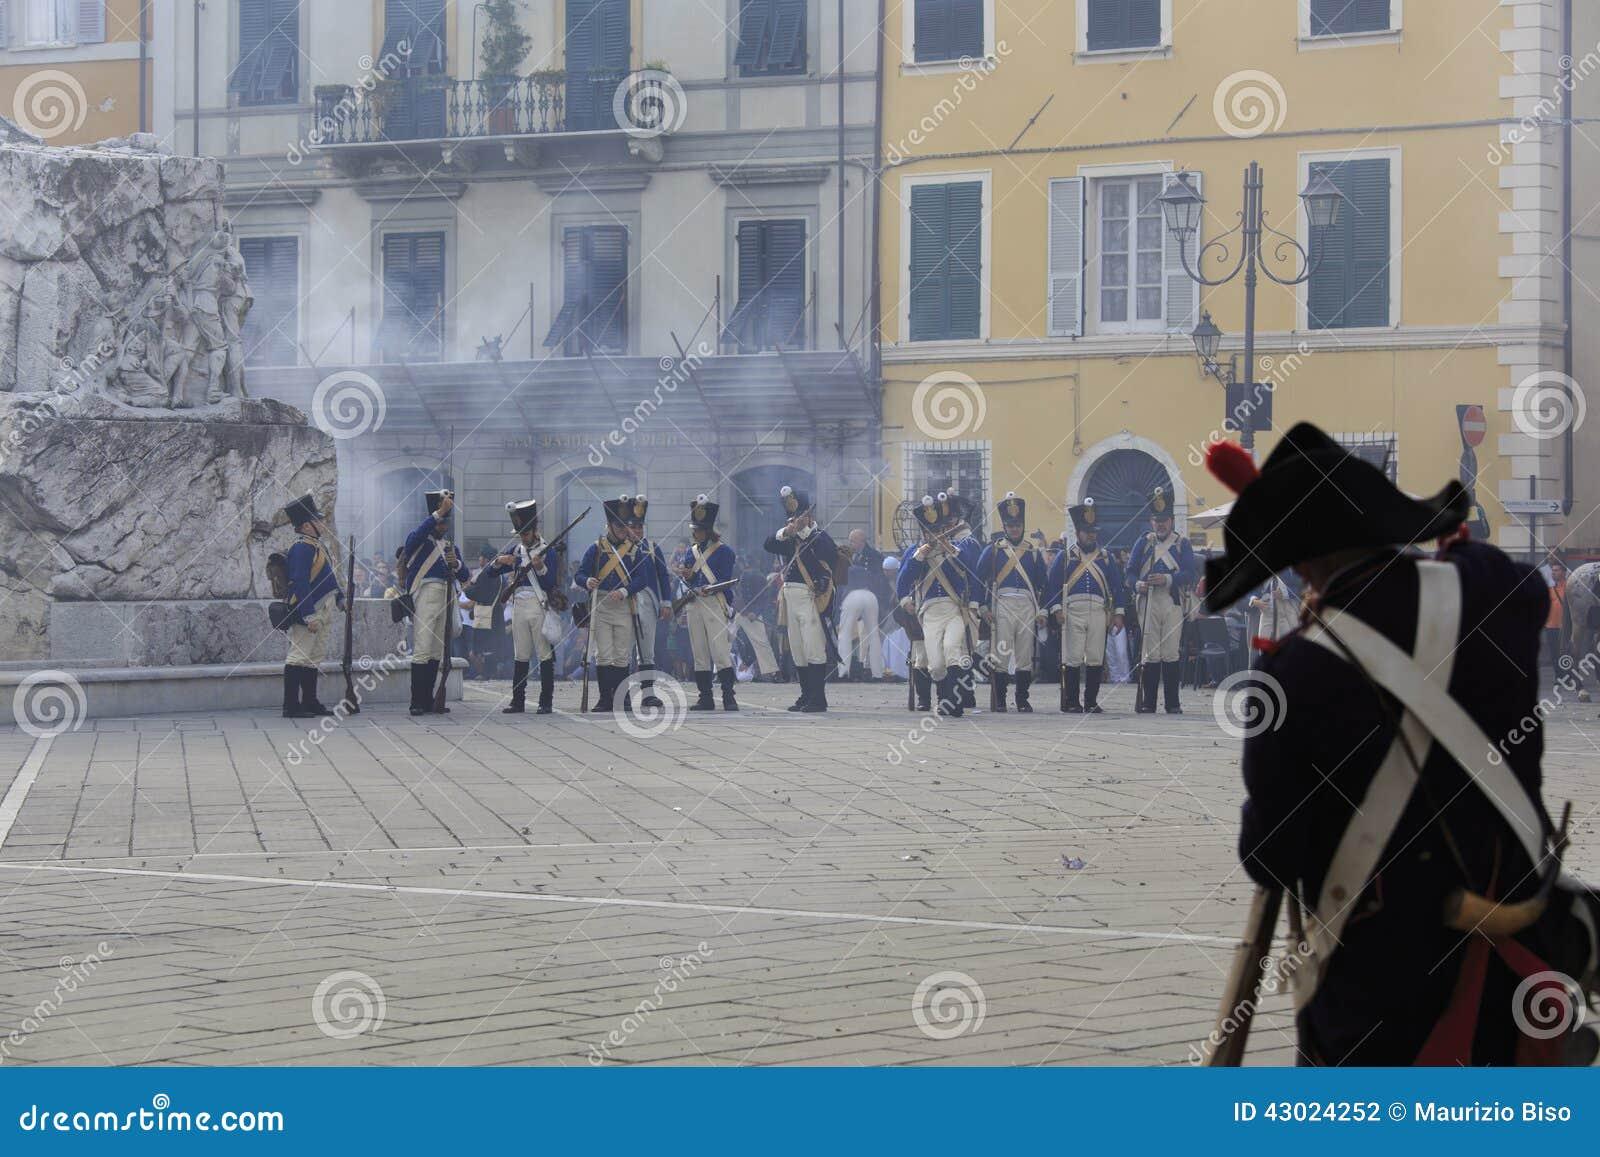 Sarzana Napoleon Festival Editorial Photography - Image ...